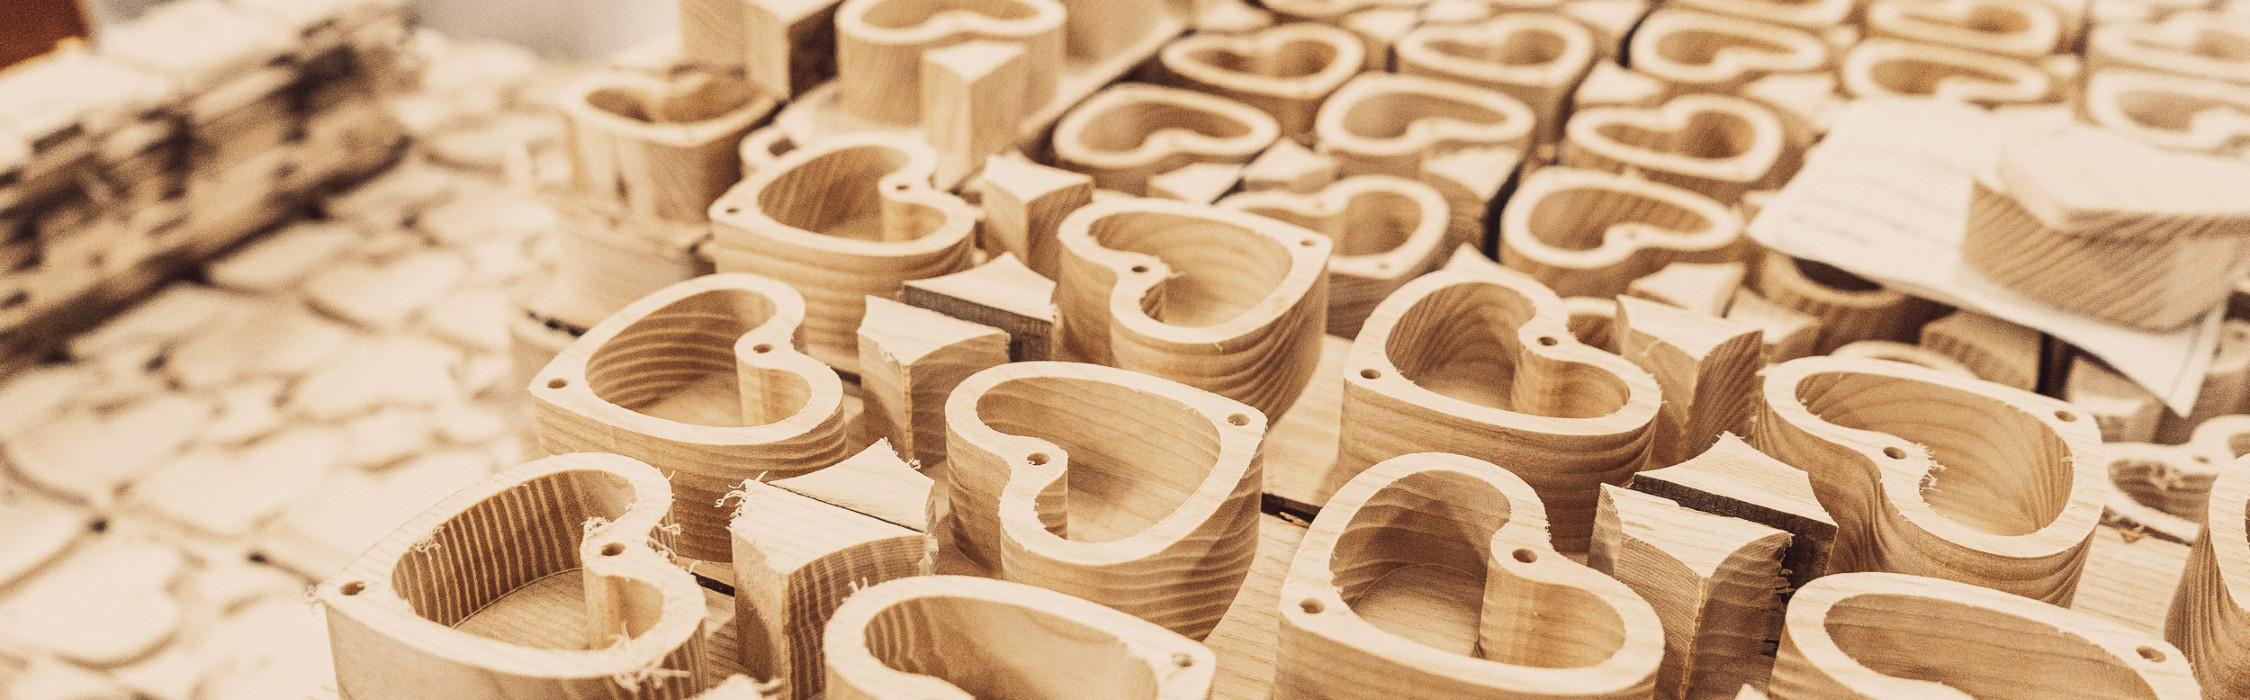 Scatolette in legno a forma di cuore